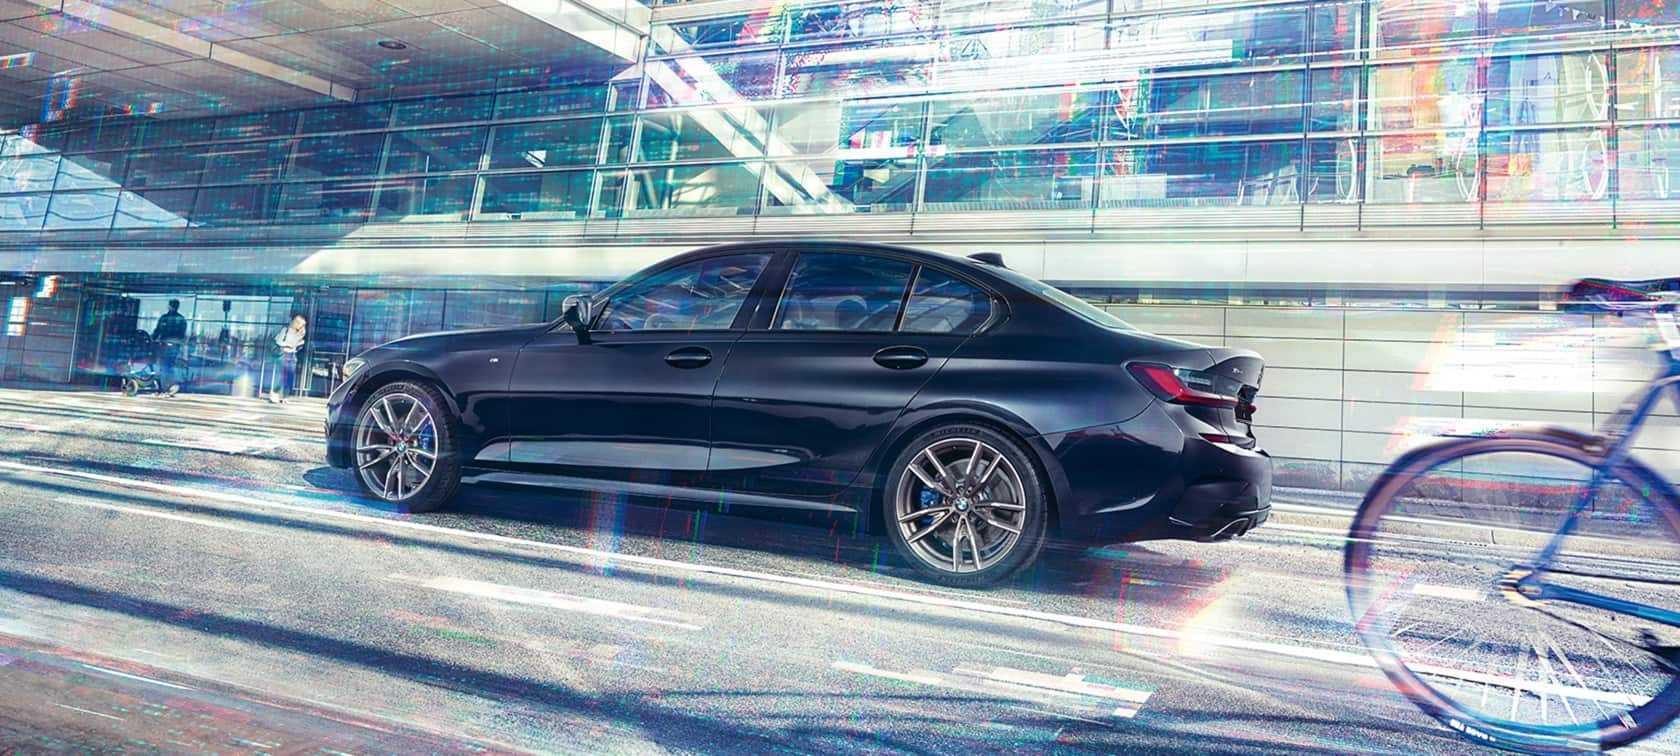 BMW 3 серия GT хэтчбек 320d xDrive: цены и комплектации БМВ 3ГТ 320d xDrive купить в Москве у официального дилера